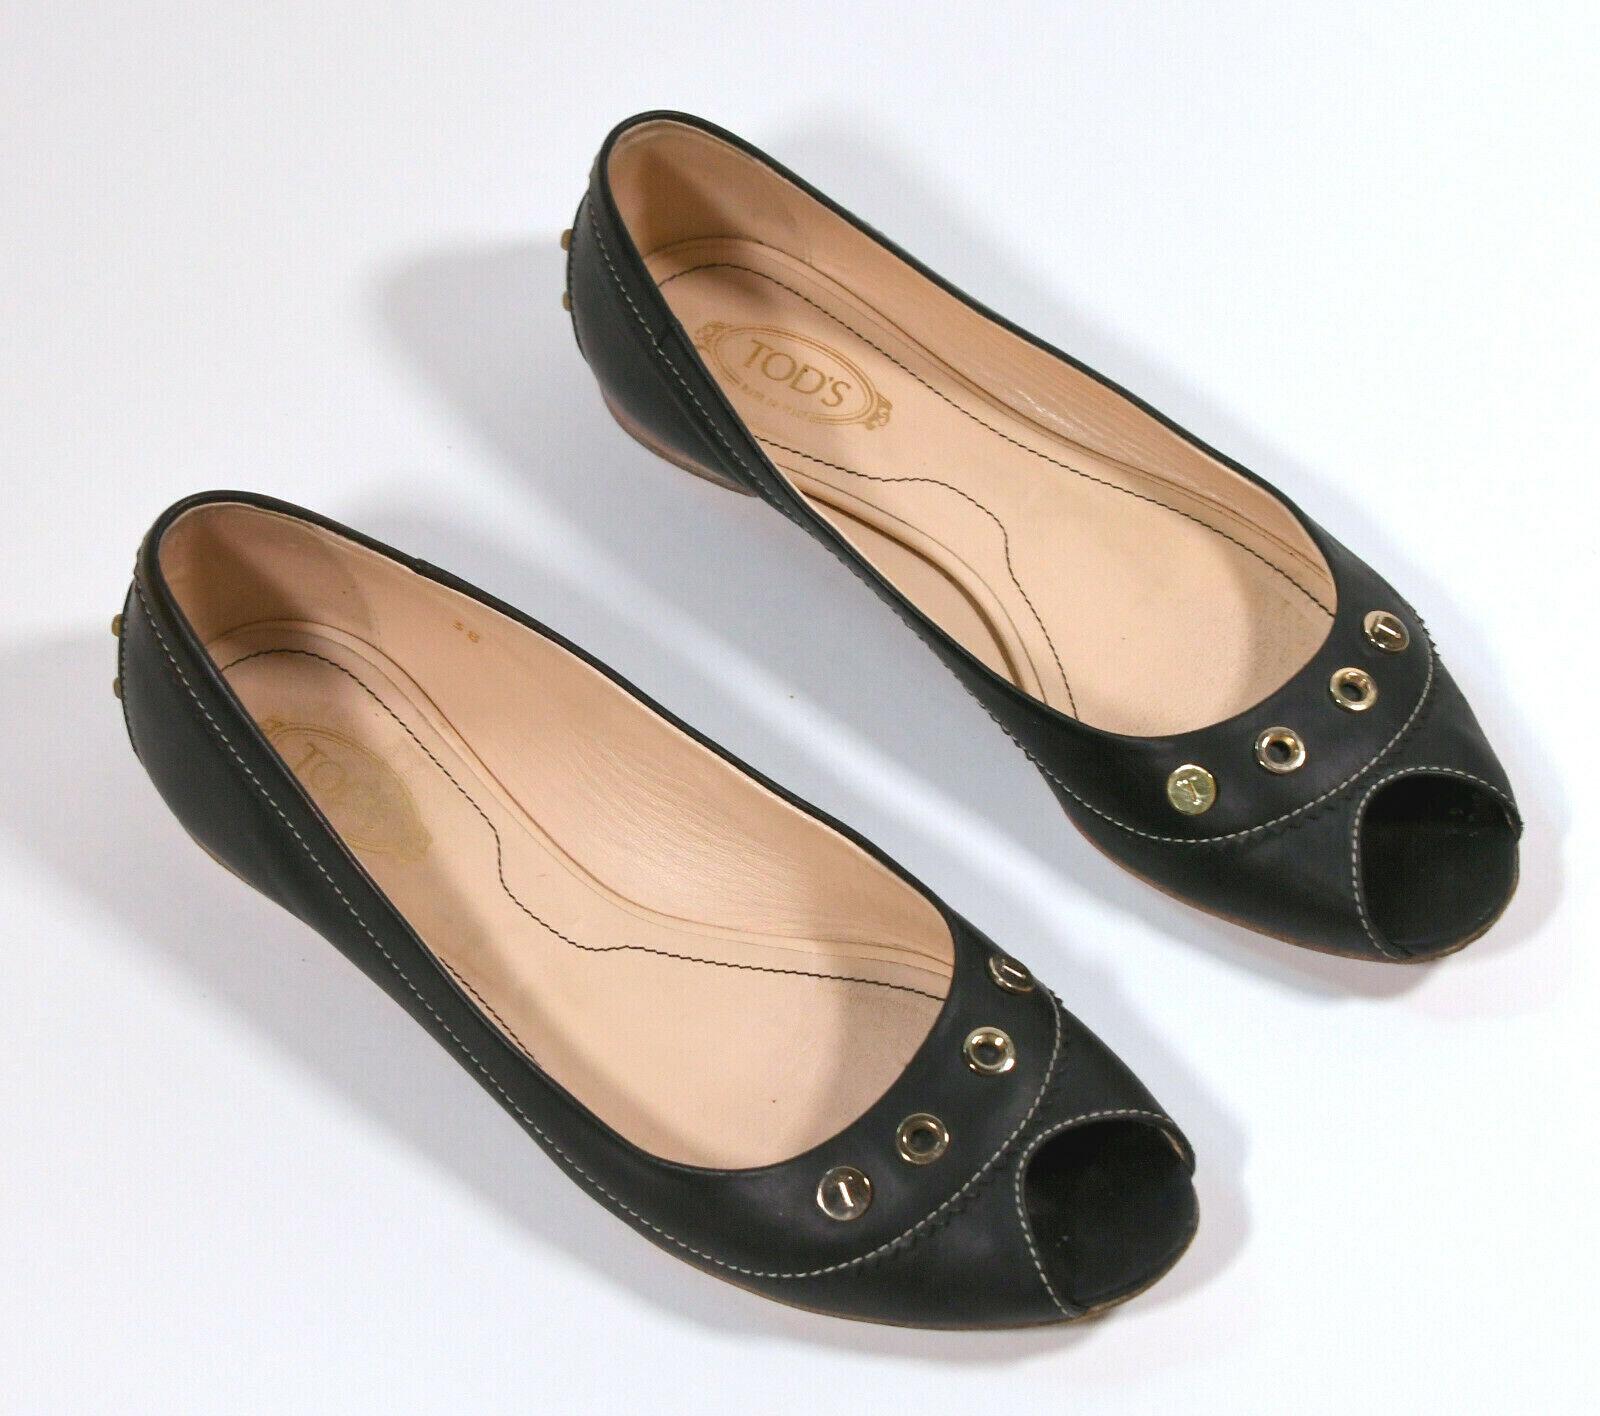 TOD'S Tods Sandaletten Mules Pantoletten Ballerina Peeptoes negro 38 Leder